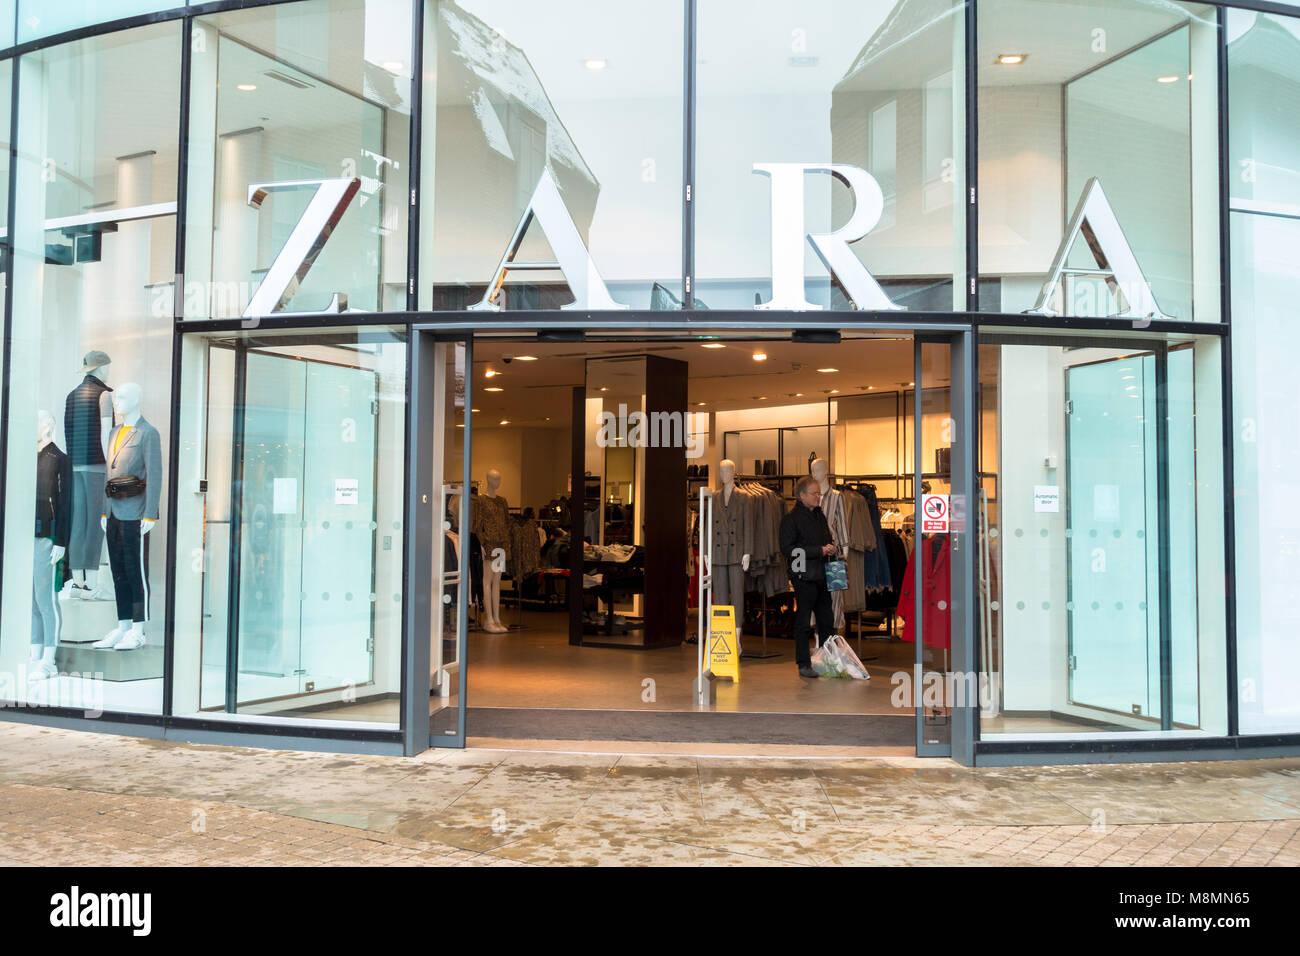 Zara Shop Front In Shopping Stockfotos   Zara Shop Front In Shopping ... 9e0e331d4a